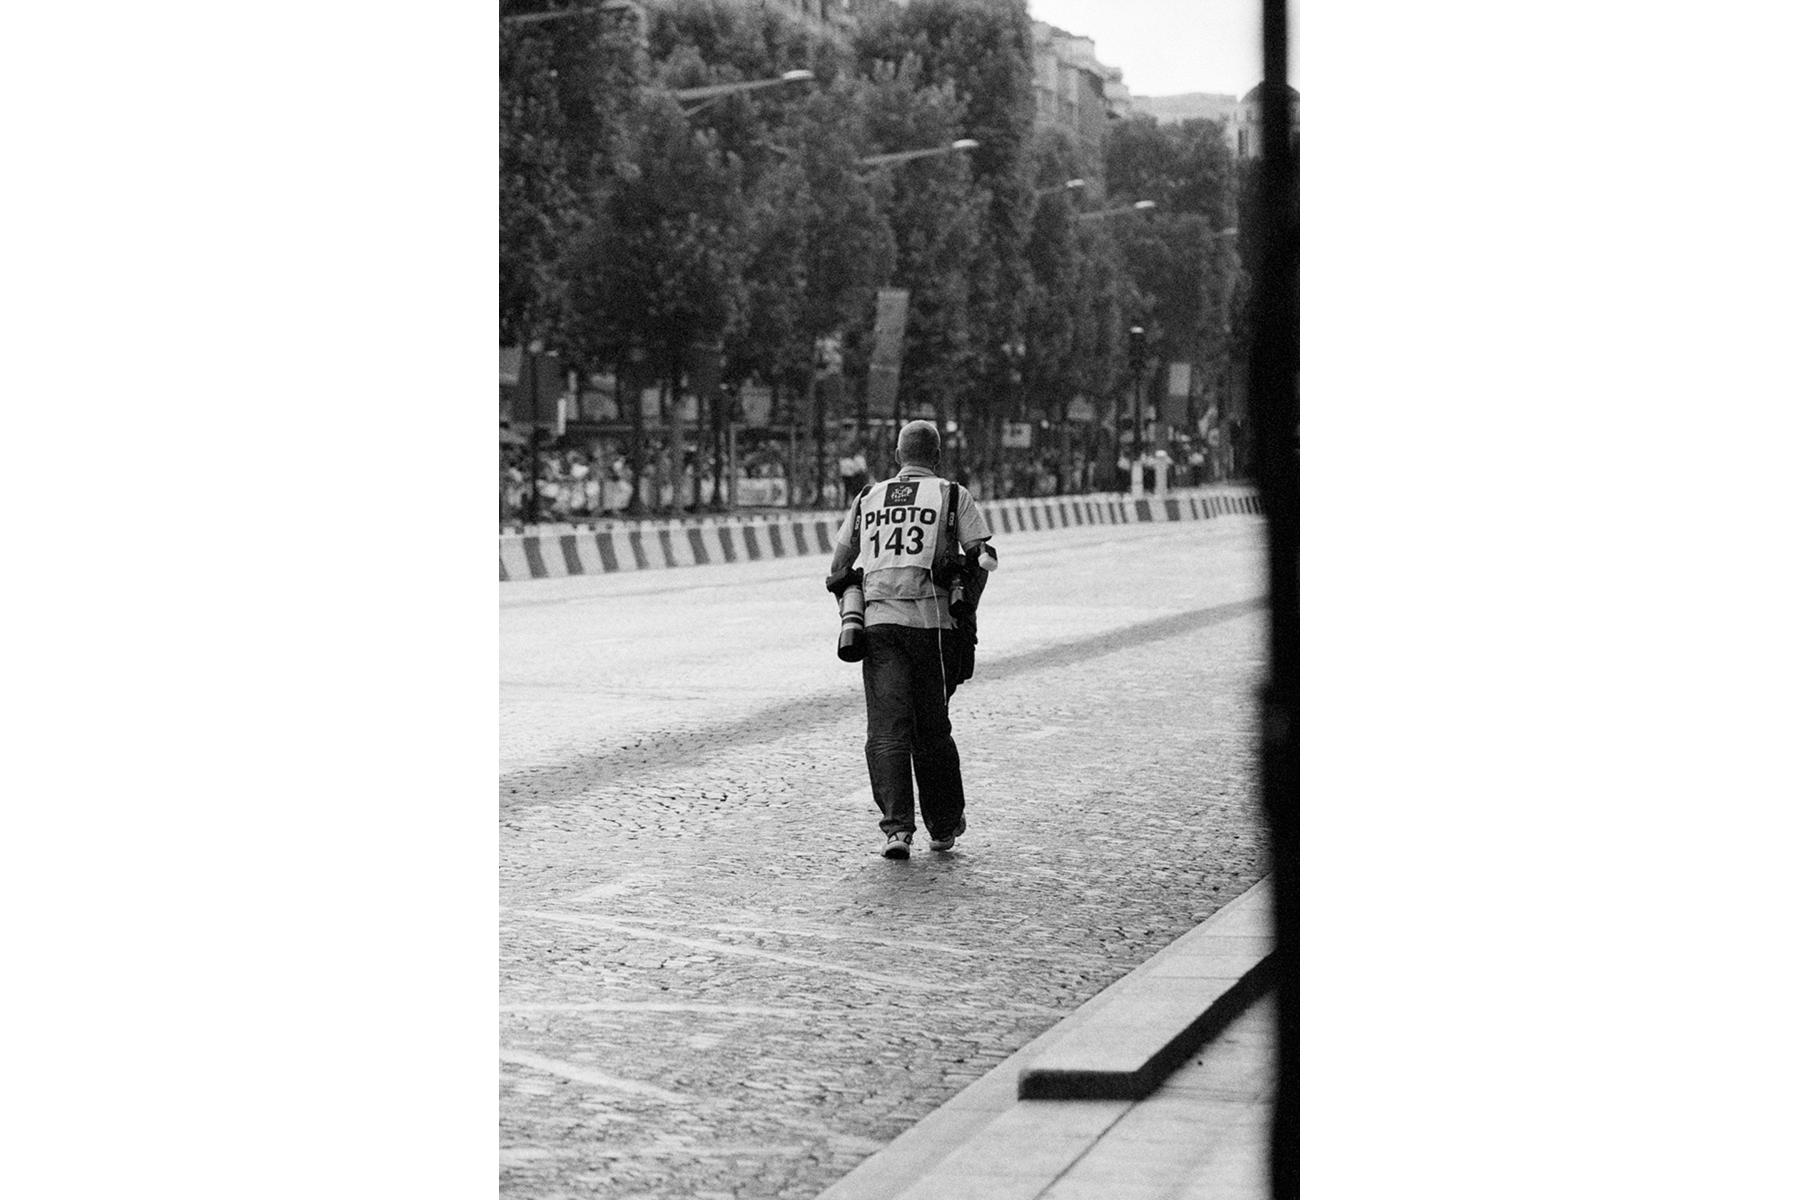 Le Tour de France 2010 After three long weeks, the Tour has finally ended for everybody, including the photographers. Hard to believe that all has come to an end. Après trois longues semaines, les photographes ont le Tour accompagner cesser le travail. On peut difficilement croire que le Tour est maintenant vraiment fini. Nach drei langen Wochen haben auch die Fotografen, die die Tour begleitet haben, Feierabend. Kaum zu glauben, dass die Tour nun wirklich vorbei ist. Después de tres largas semanas, los fotógrafos por fin han terminado la jornada. A pesar de ello, es difícil imaginarse que el tour se ha acabado.